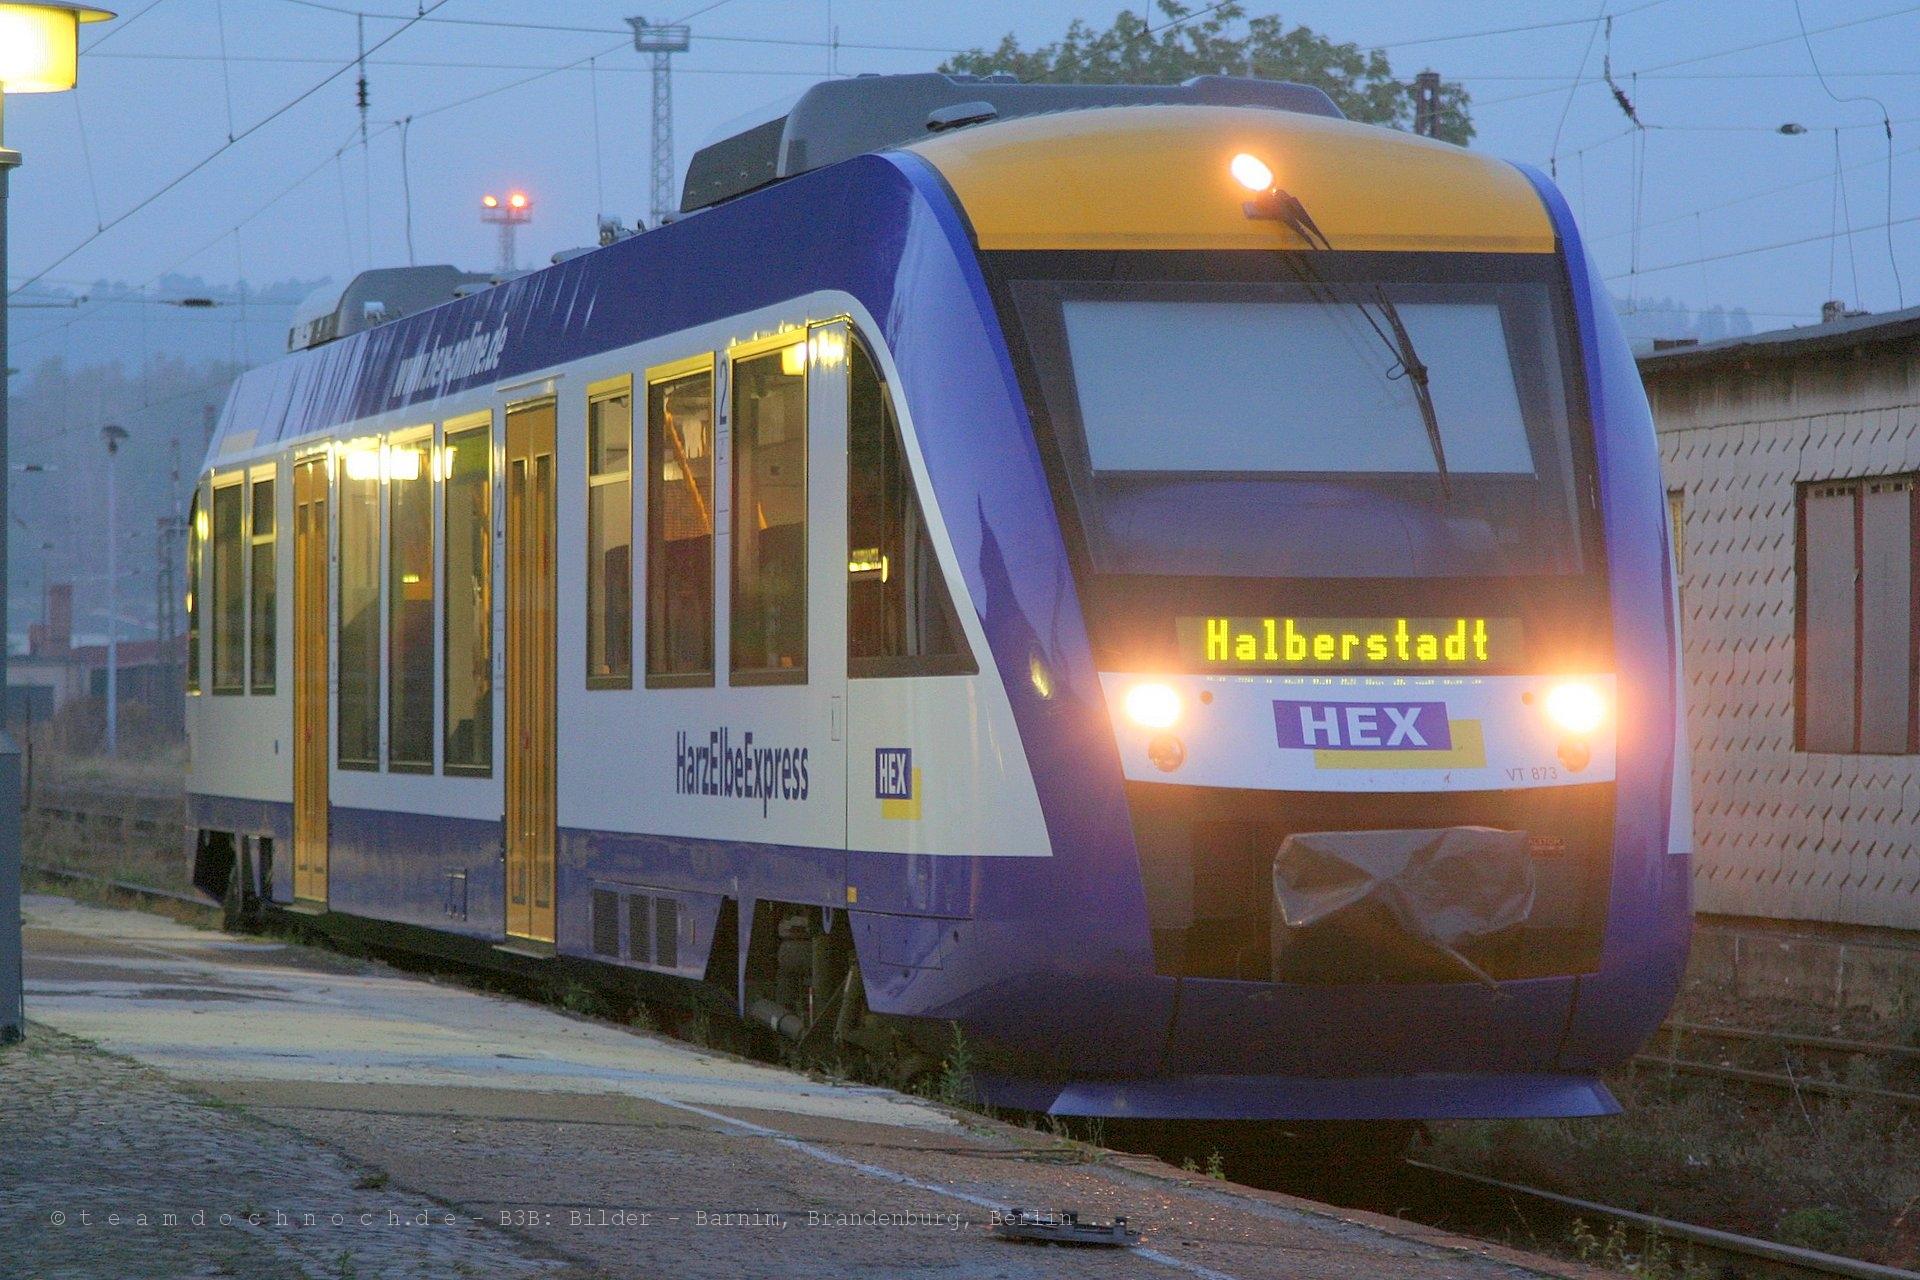 HEX VT 873 in Halberstadt